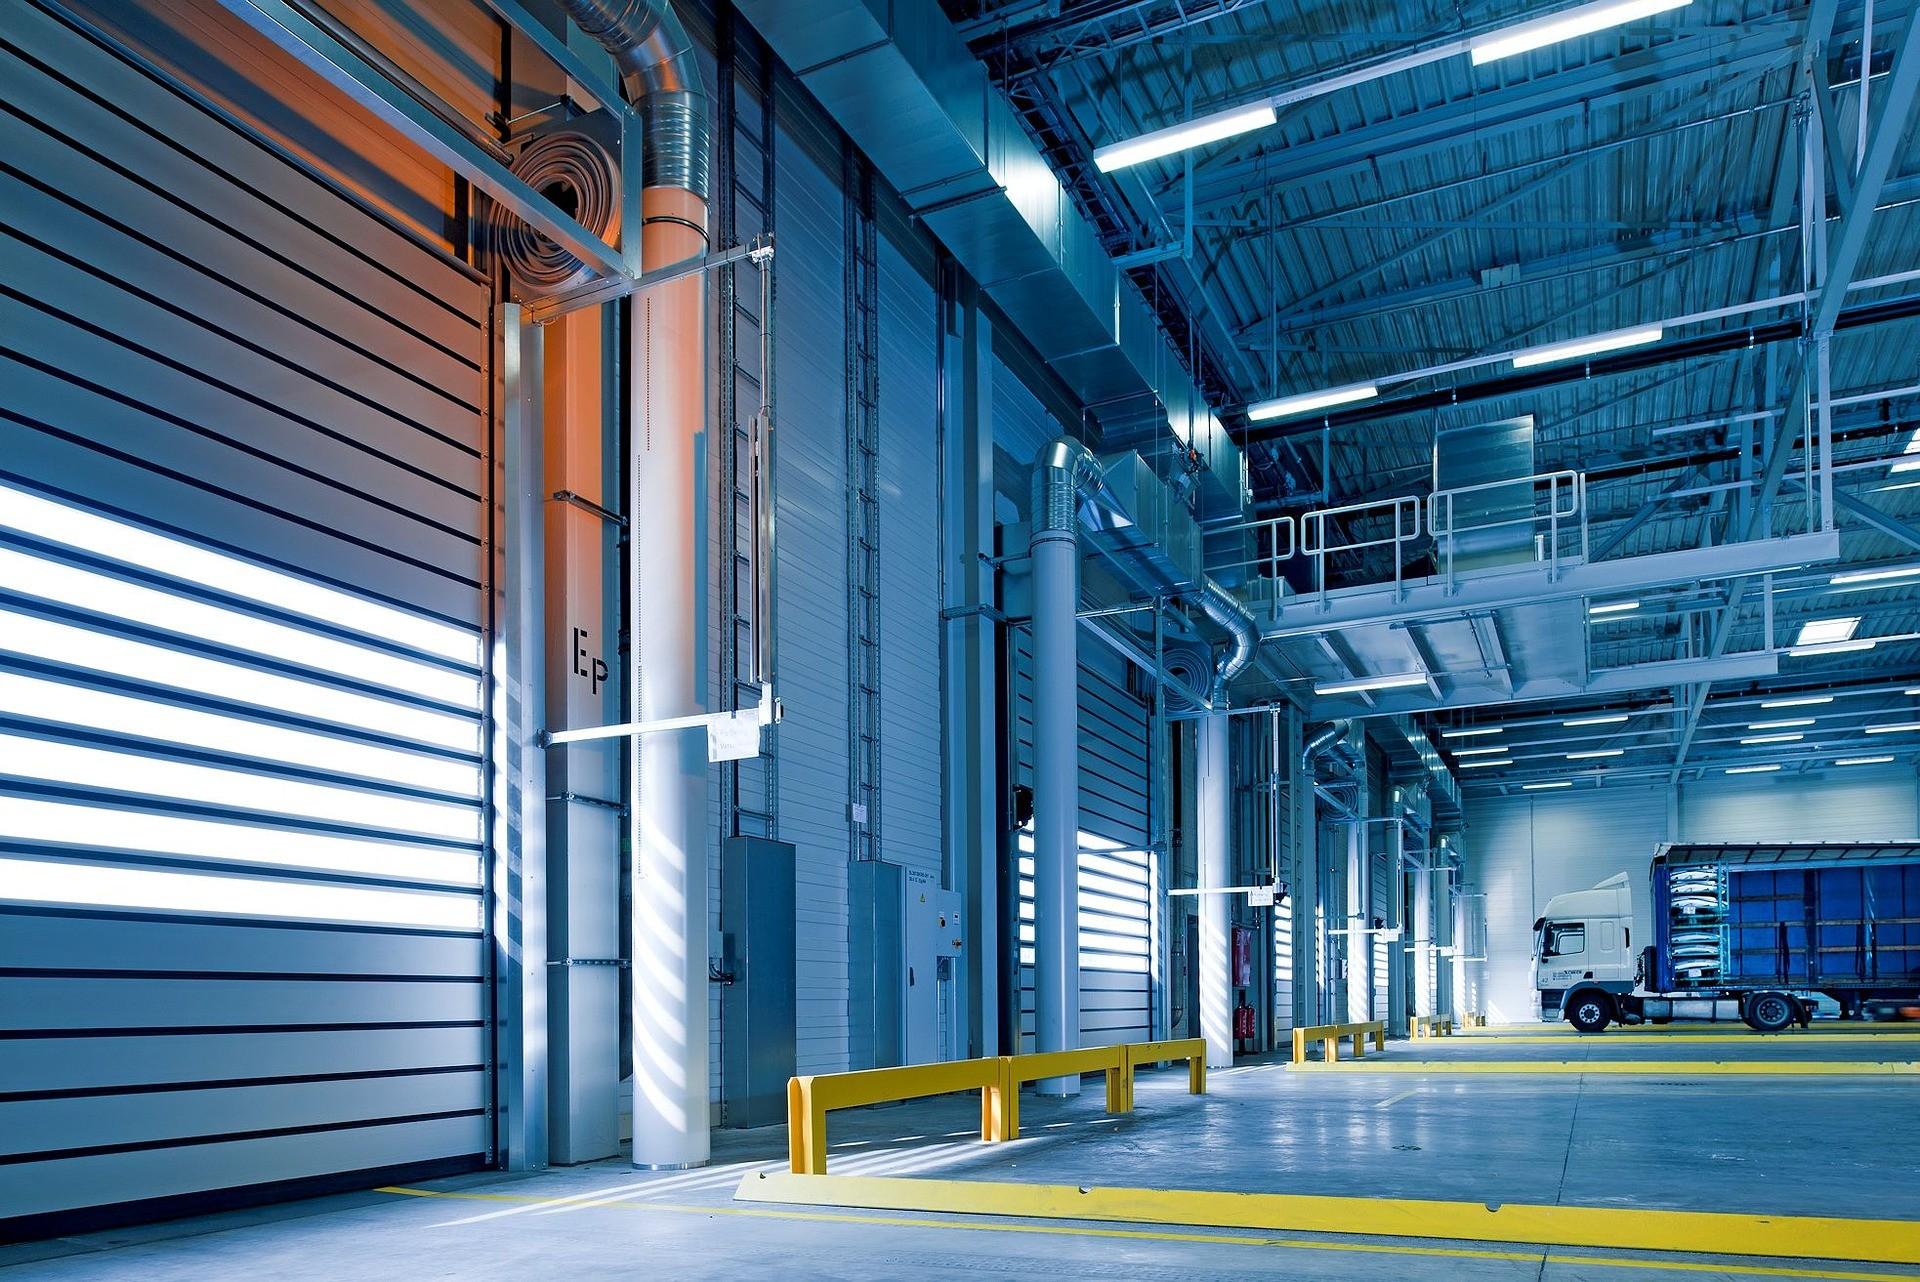 Jakie wymagania trzeba spełnić, wybierając oświetlenie przemysłowe?